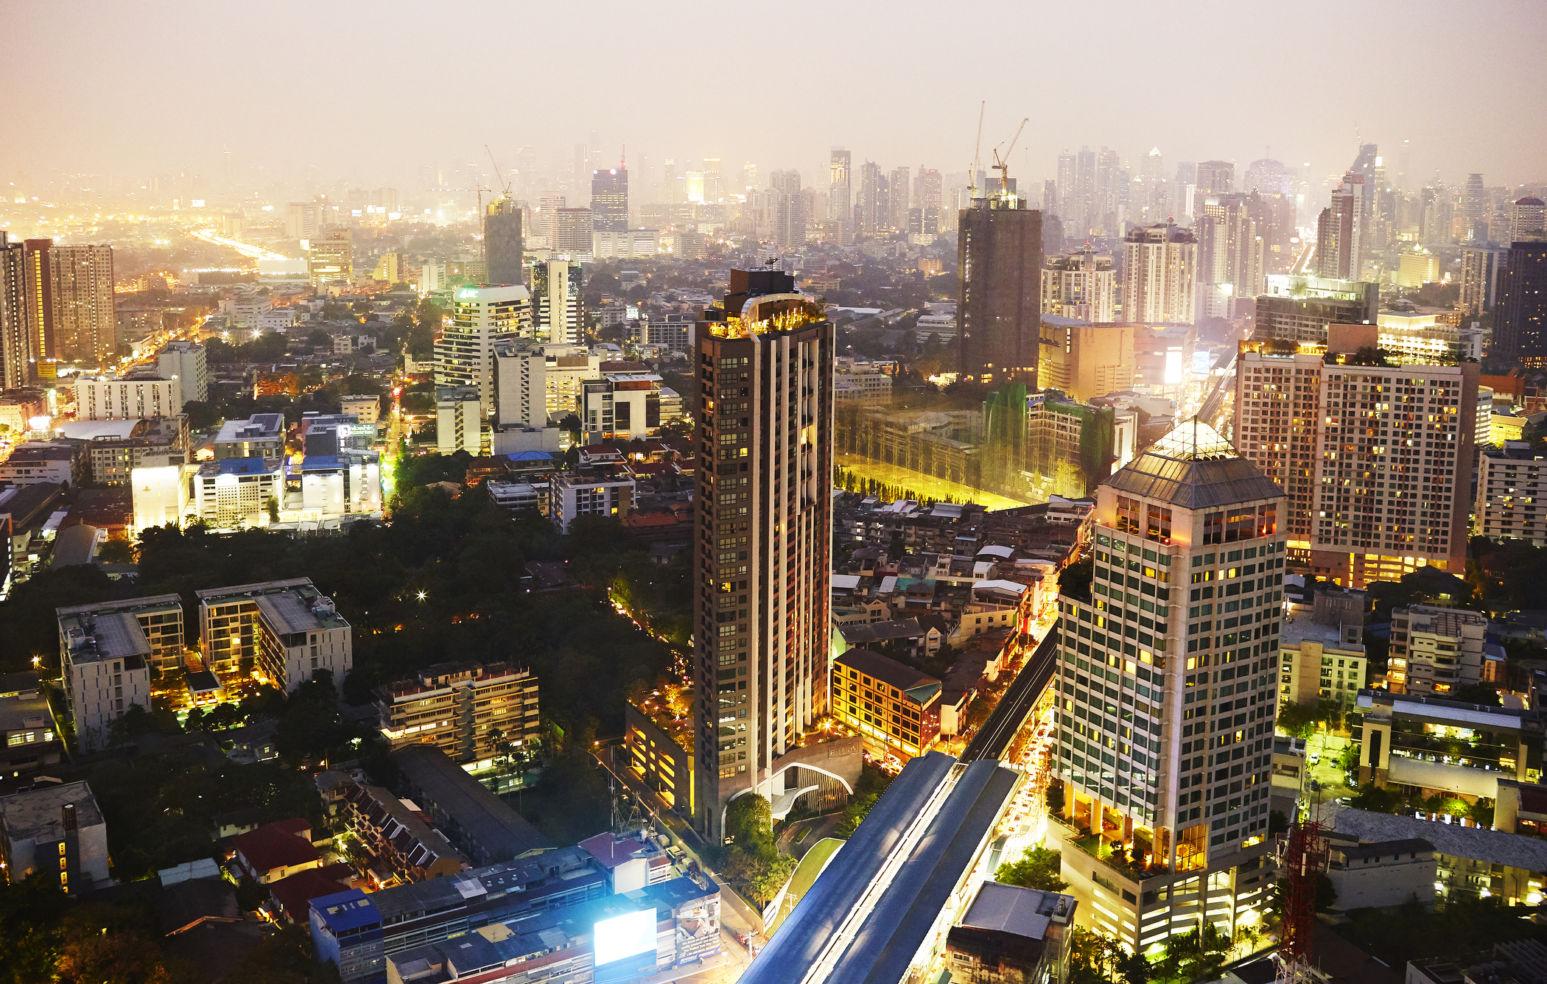 Cielo, Bangkok, Thailand, Asia